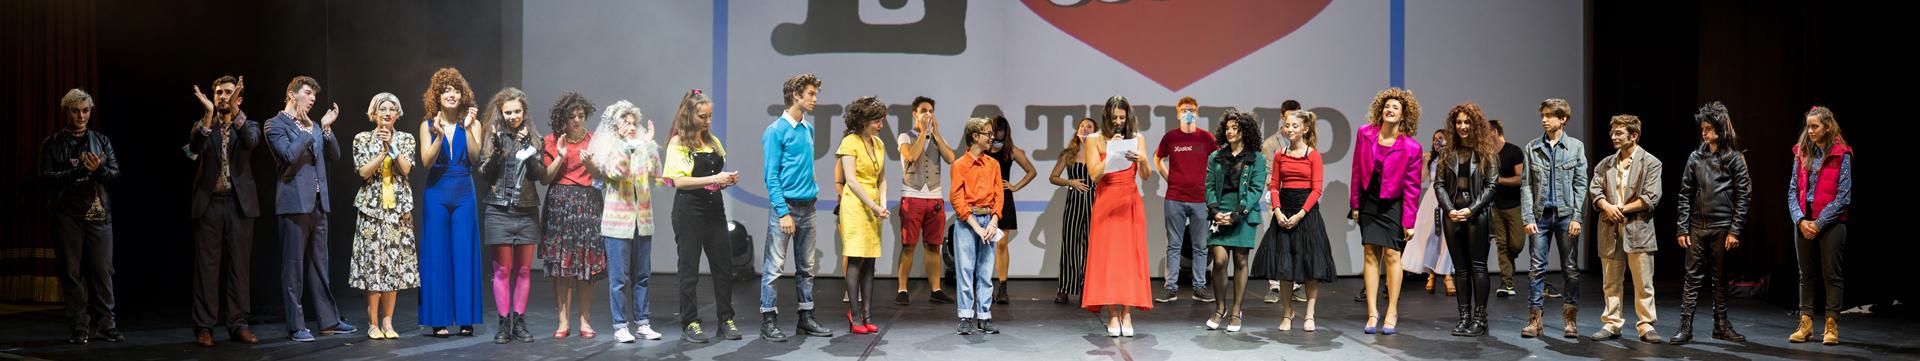 2020_09_13-E-tutto-un-attimo-©-Luca-Vantusso-Panoramica_2